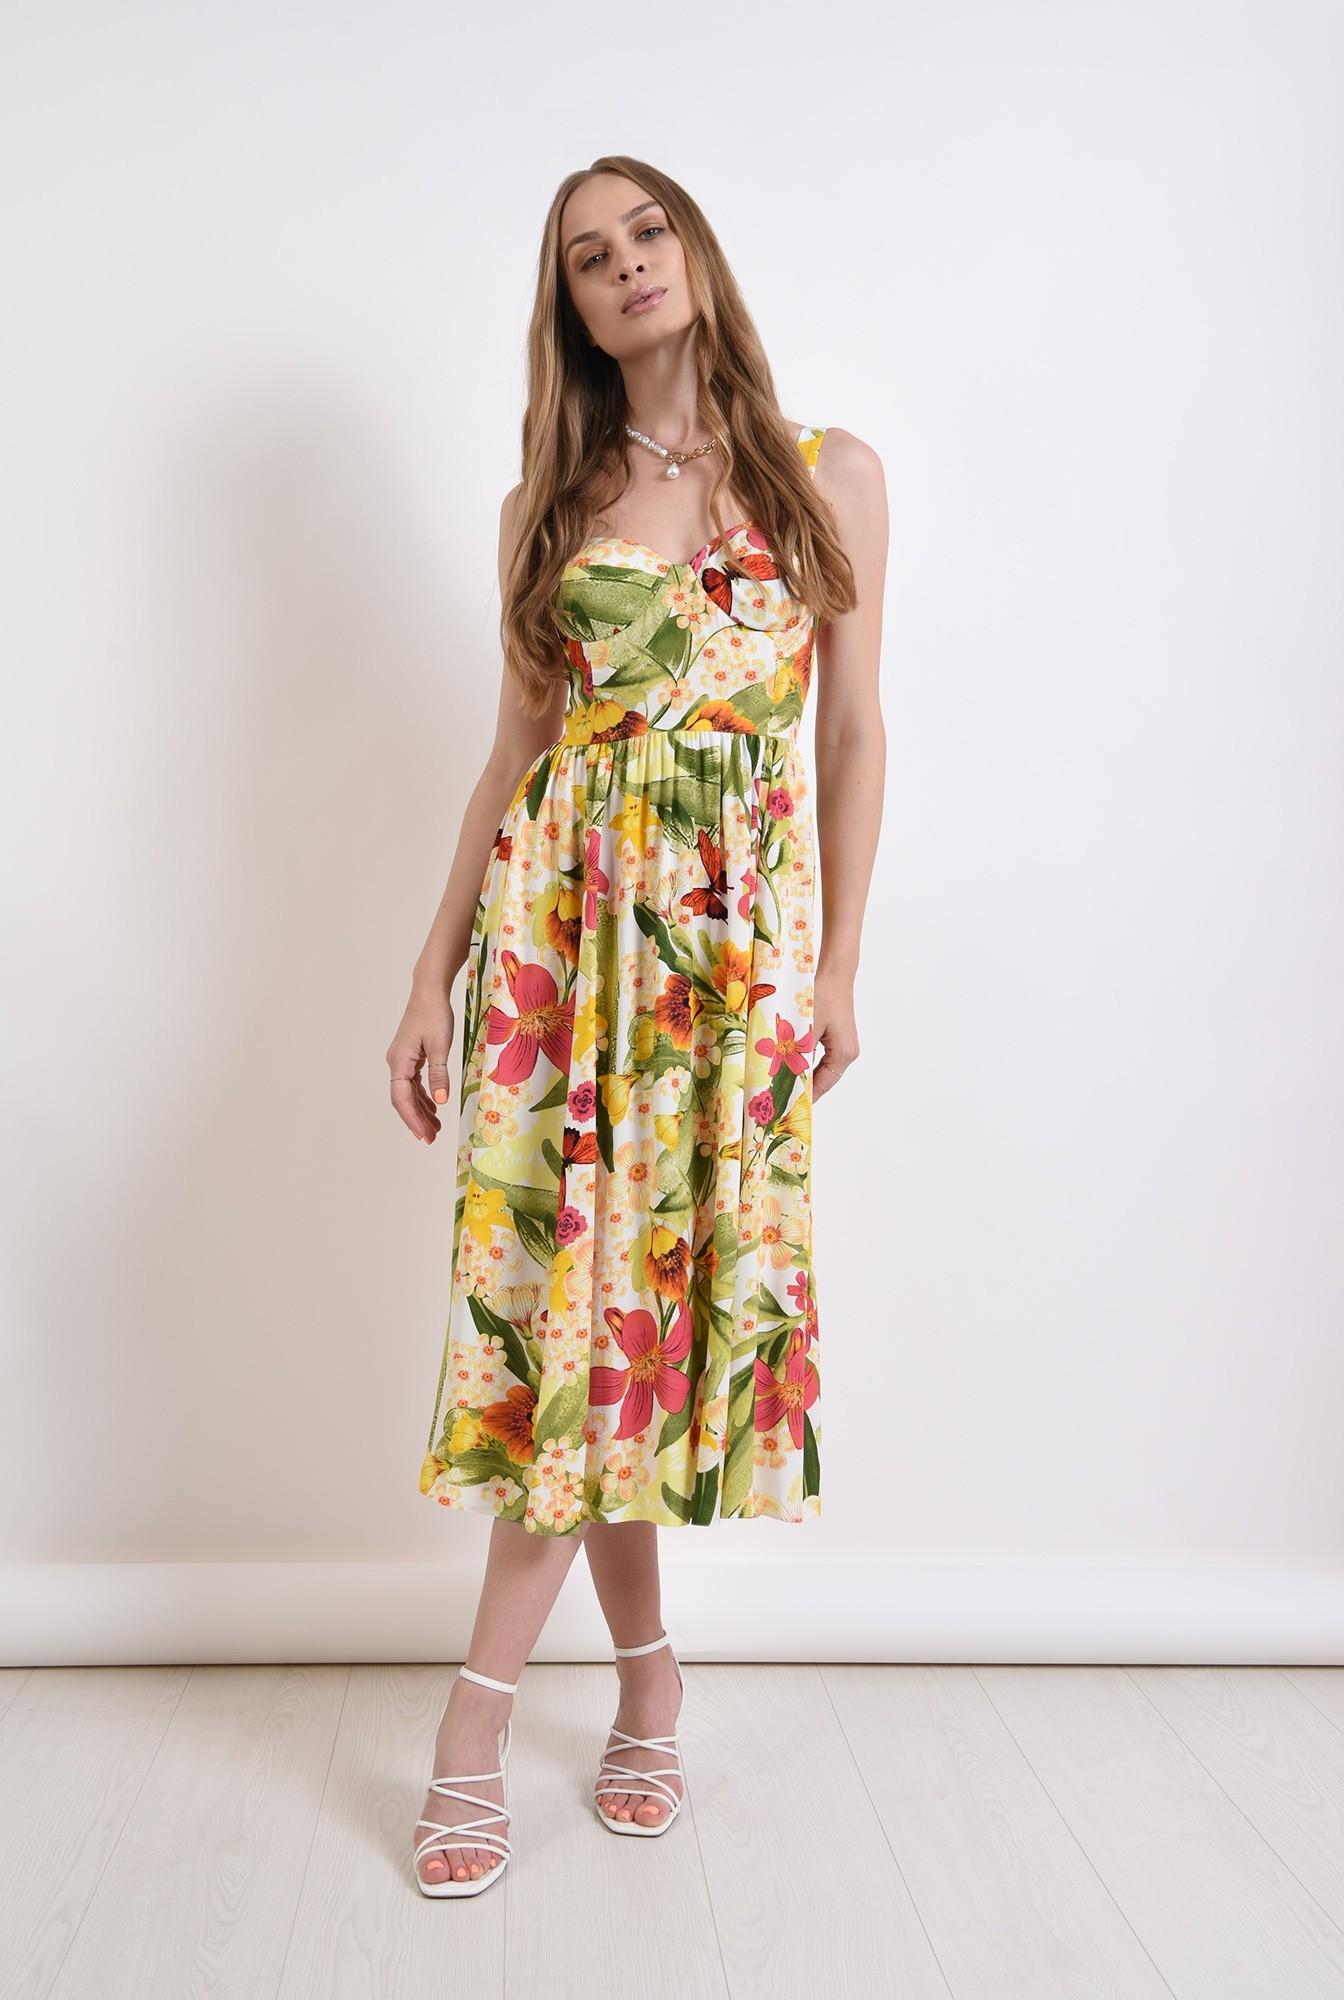 0 - rochie midi, cu imprimeu floral, evazata